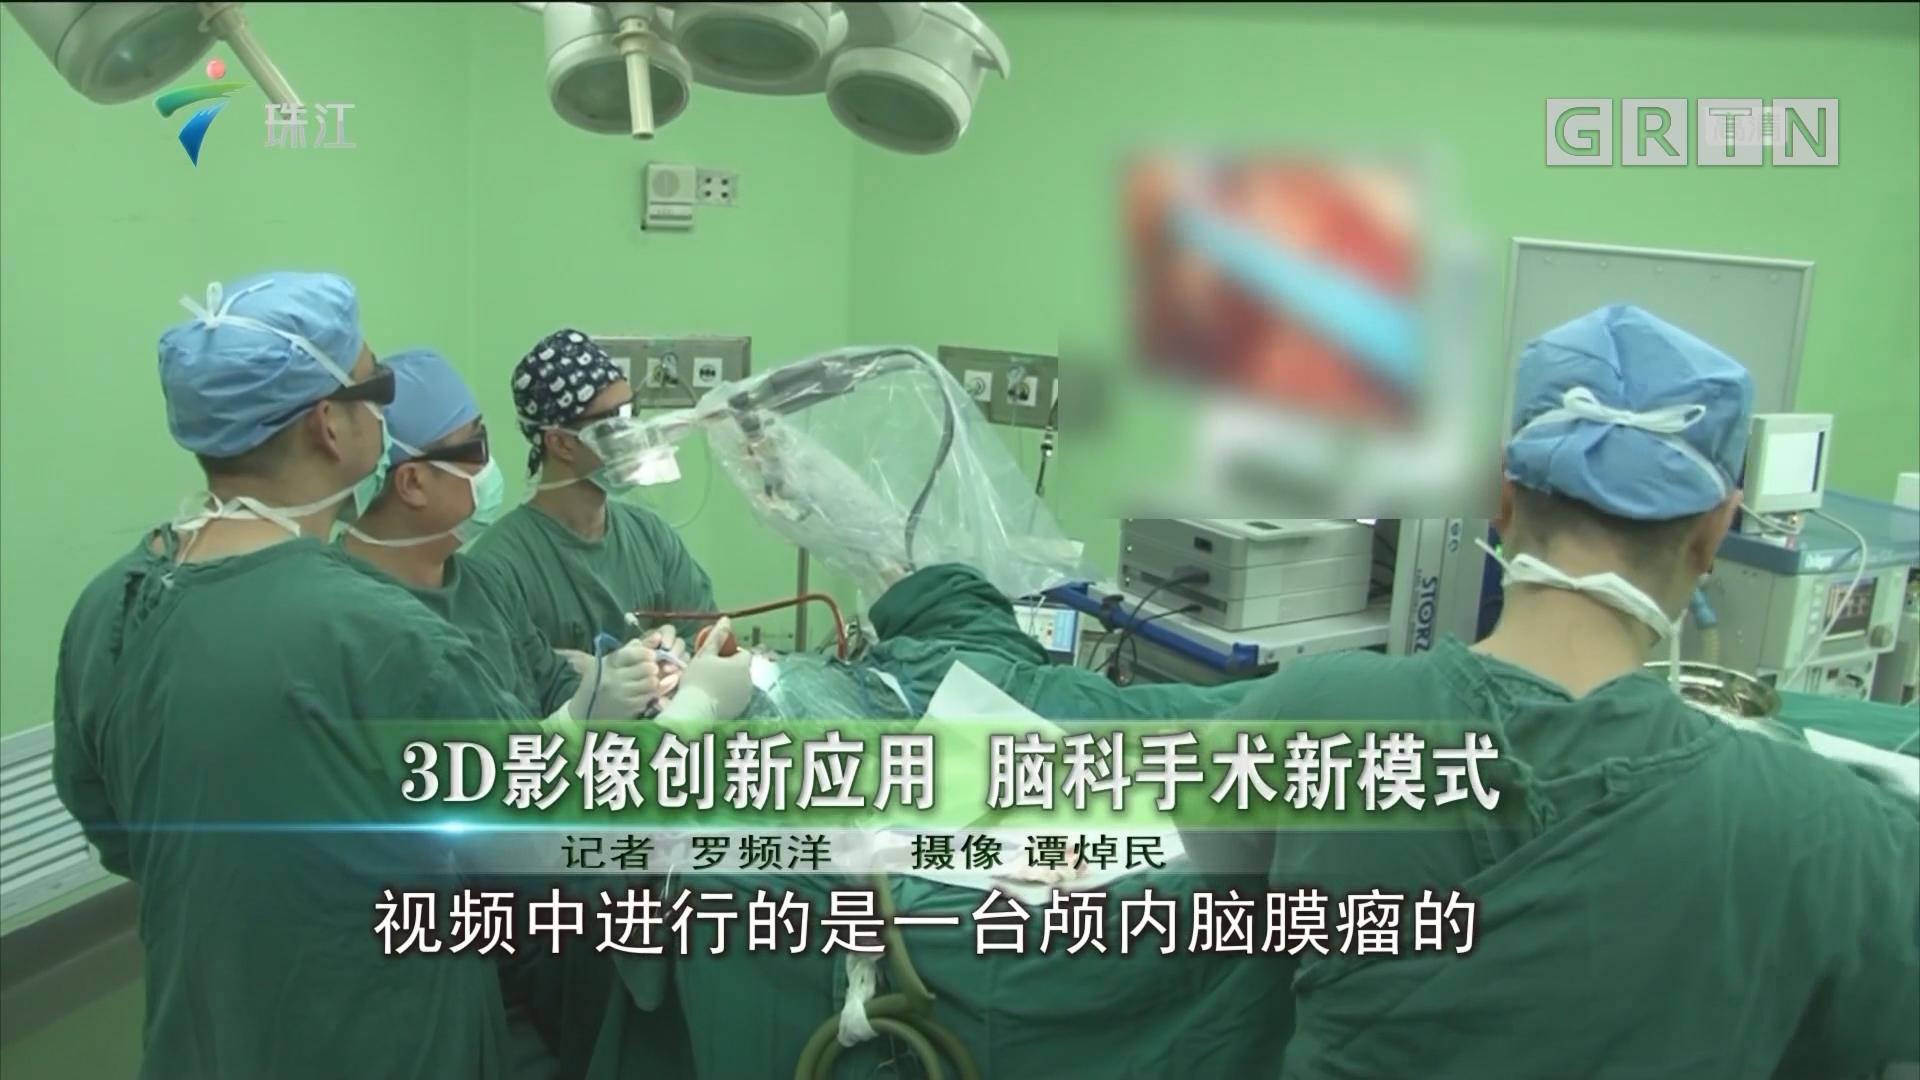 3D影像创新应用 脑科手术新模式